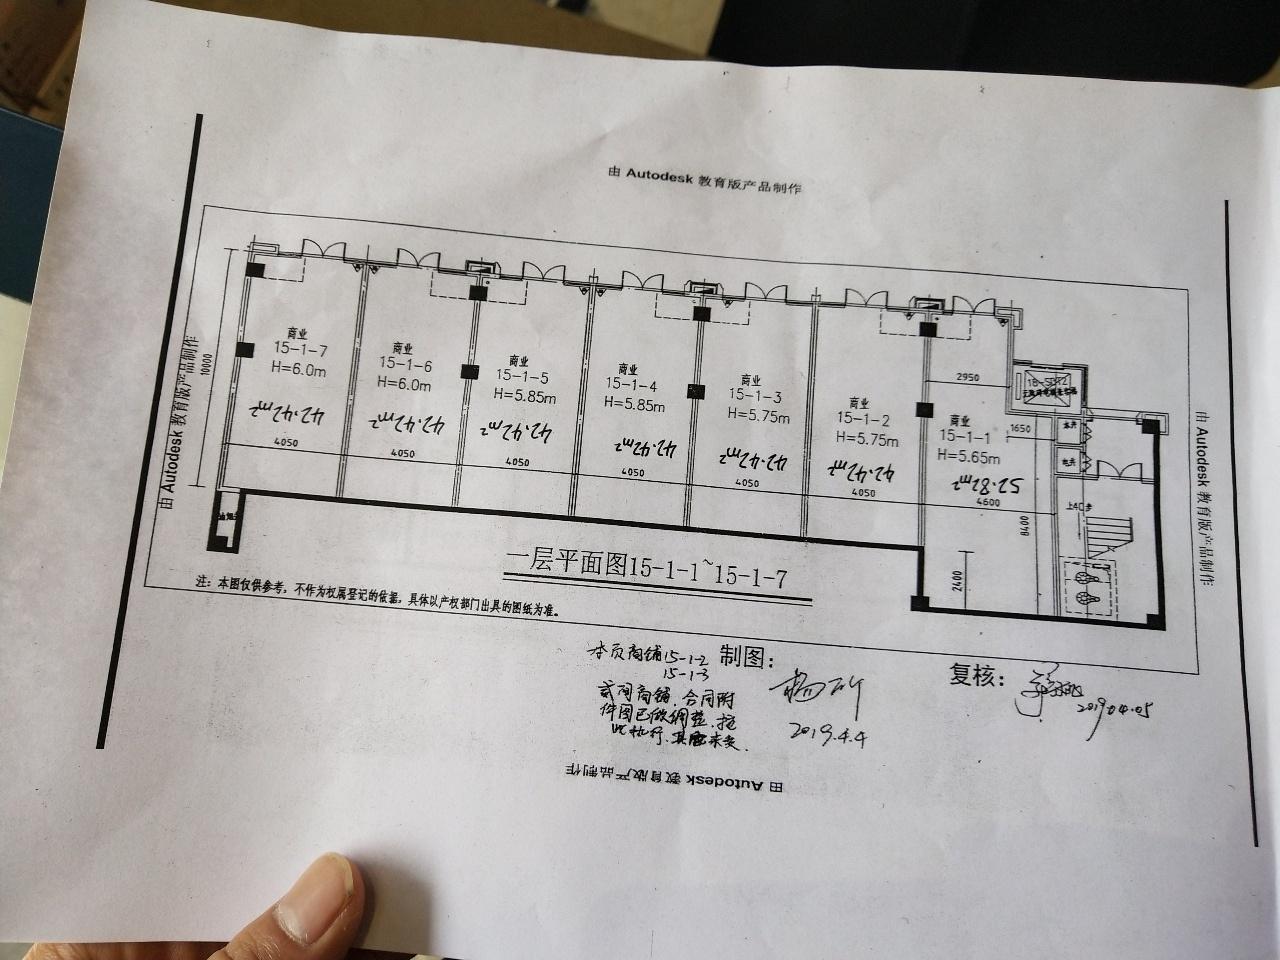 麒龙售楼部  公寓盛大开盘  价格实惠